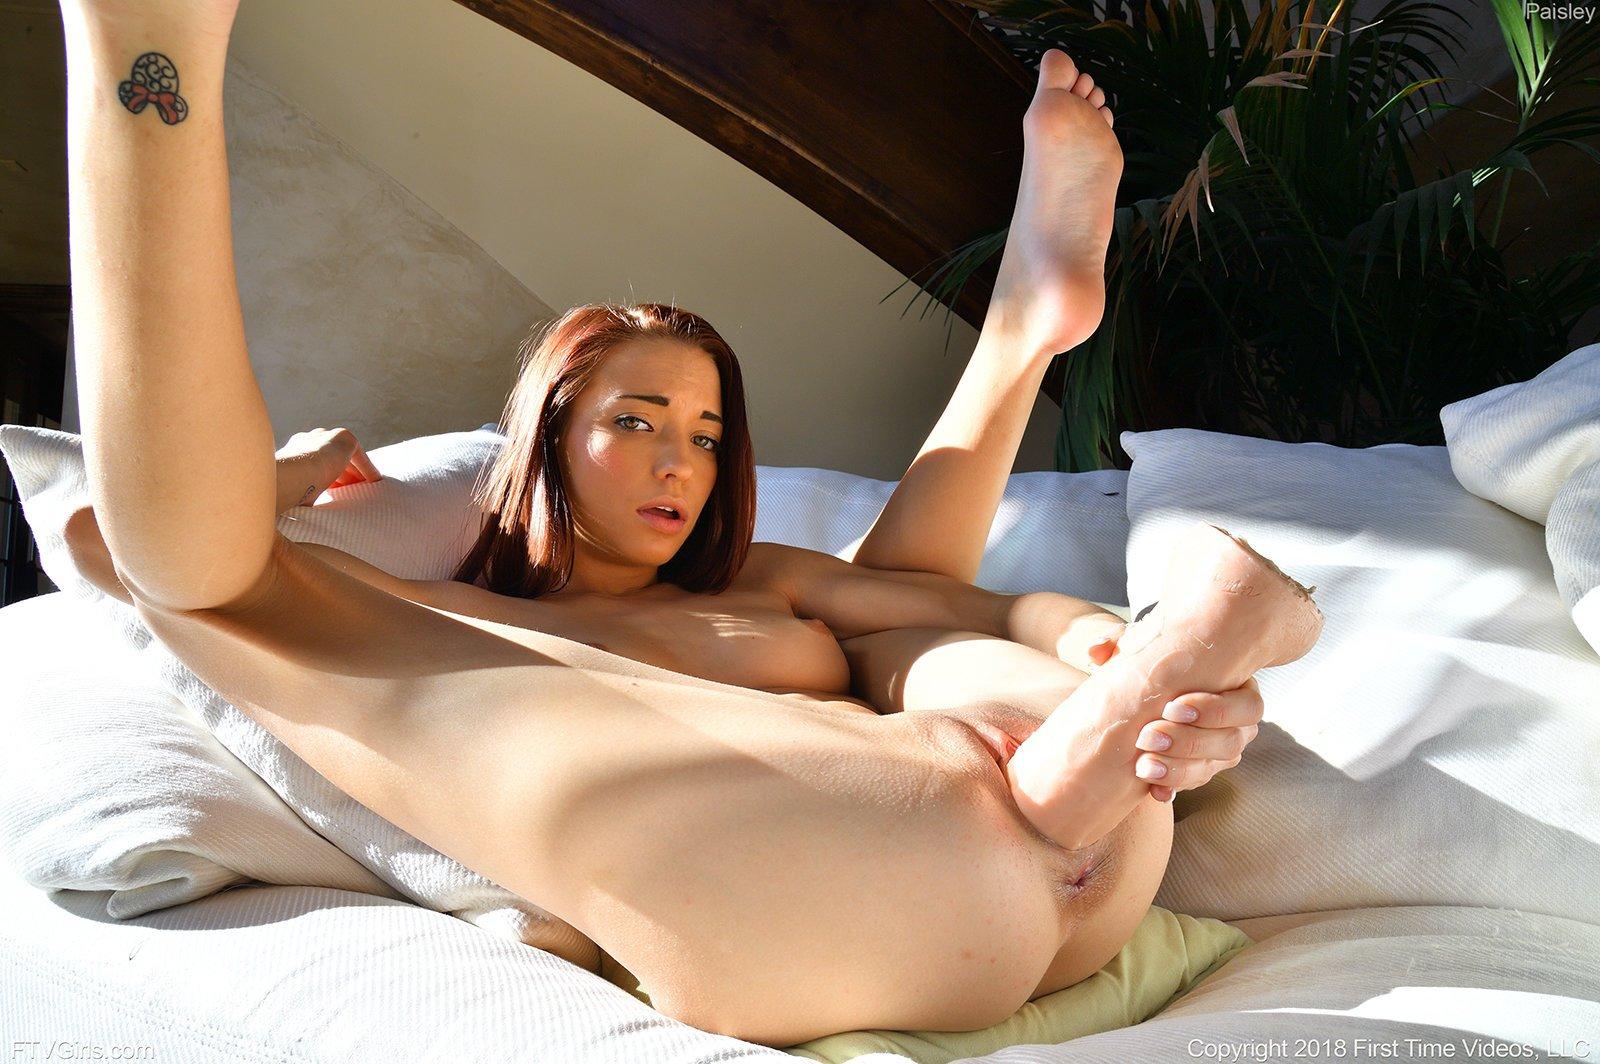 Голая фрау раздвигает ноги и тестирует дилдо